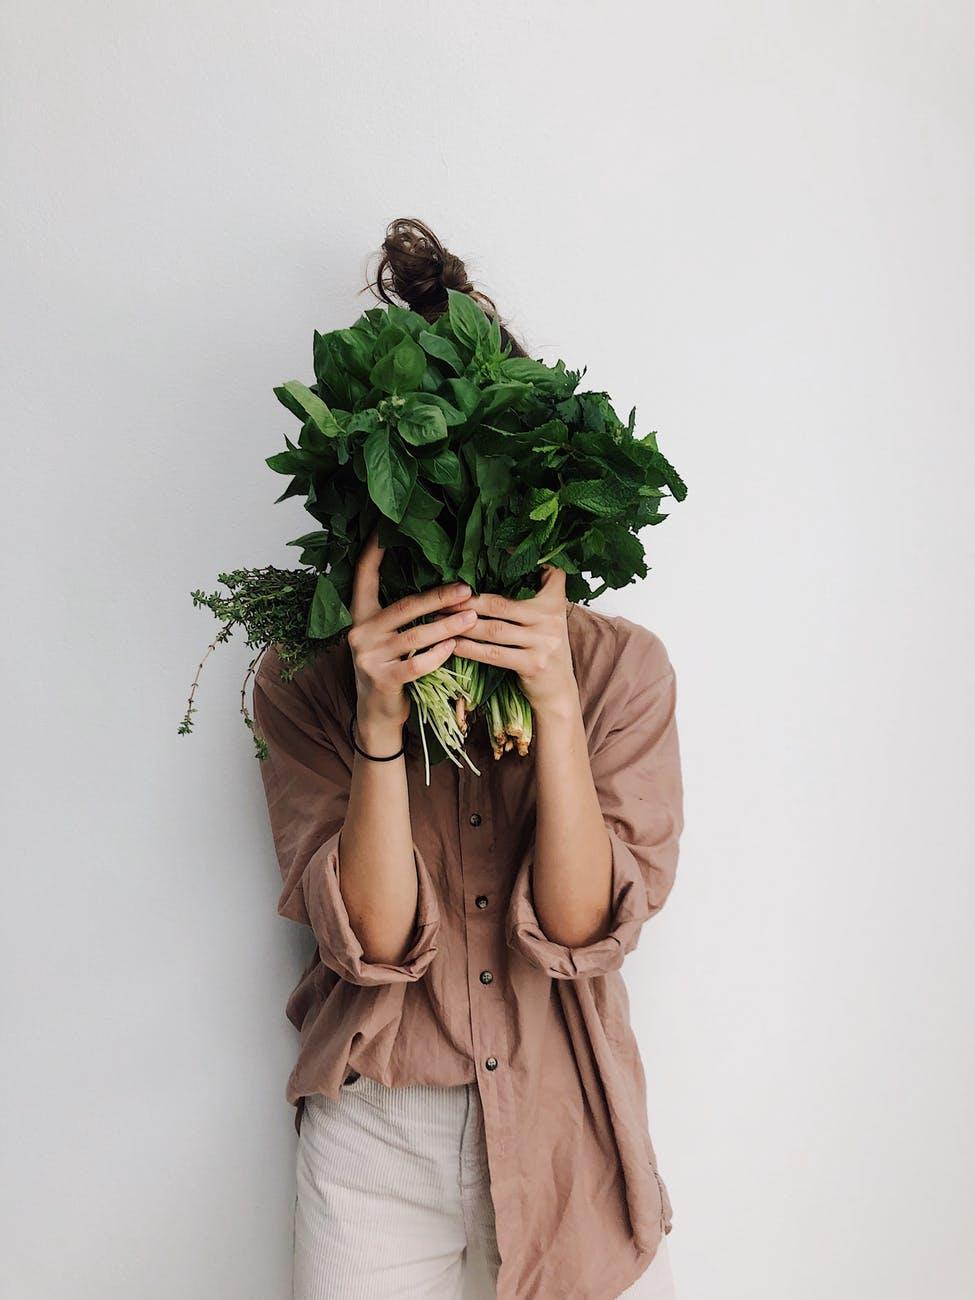 Thèm ăn-Cô gái cầm bó rau.